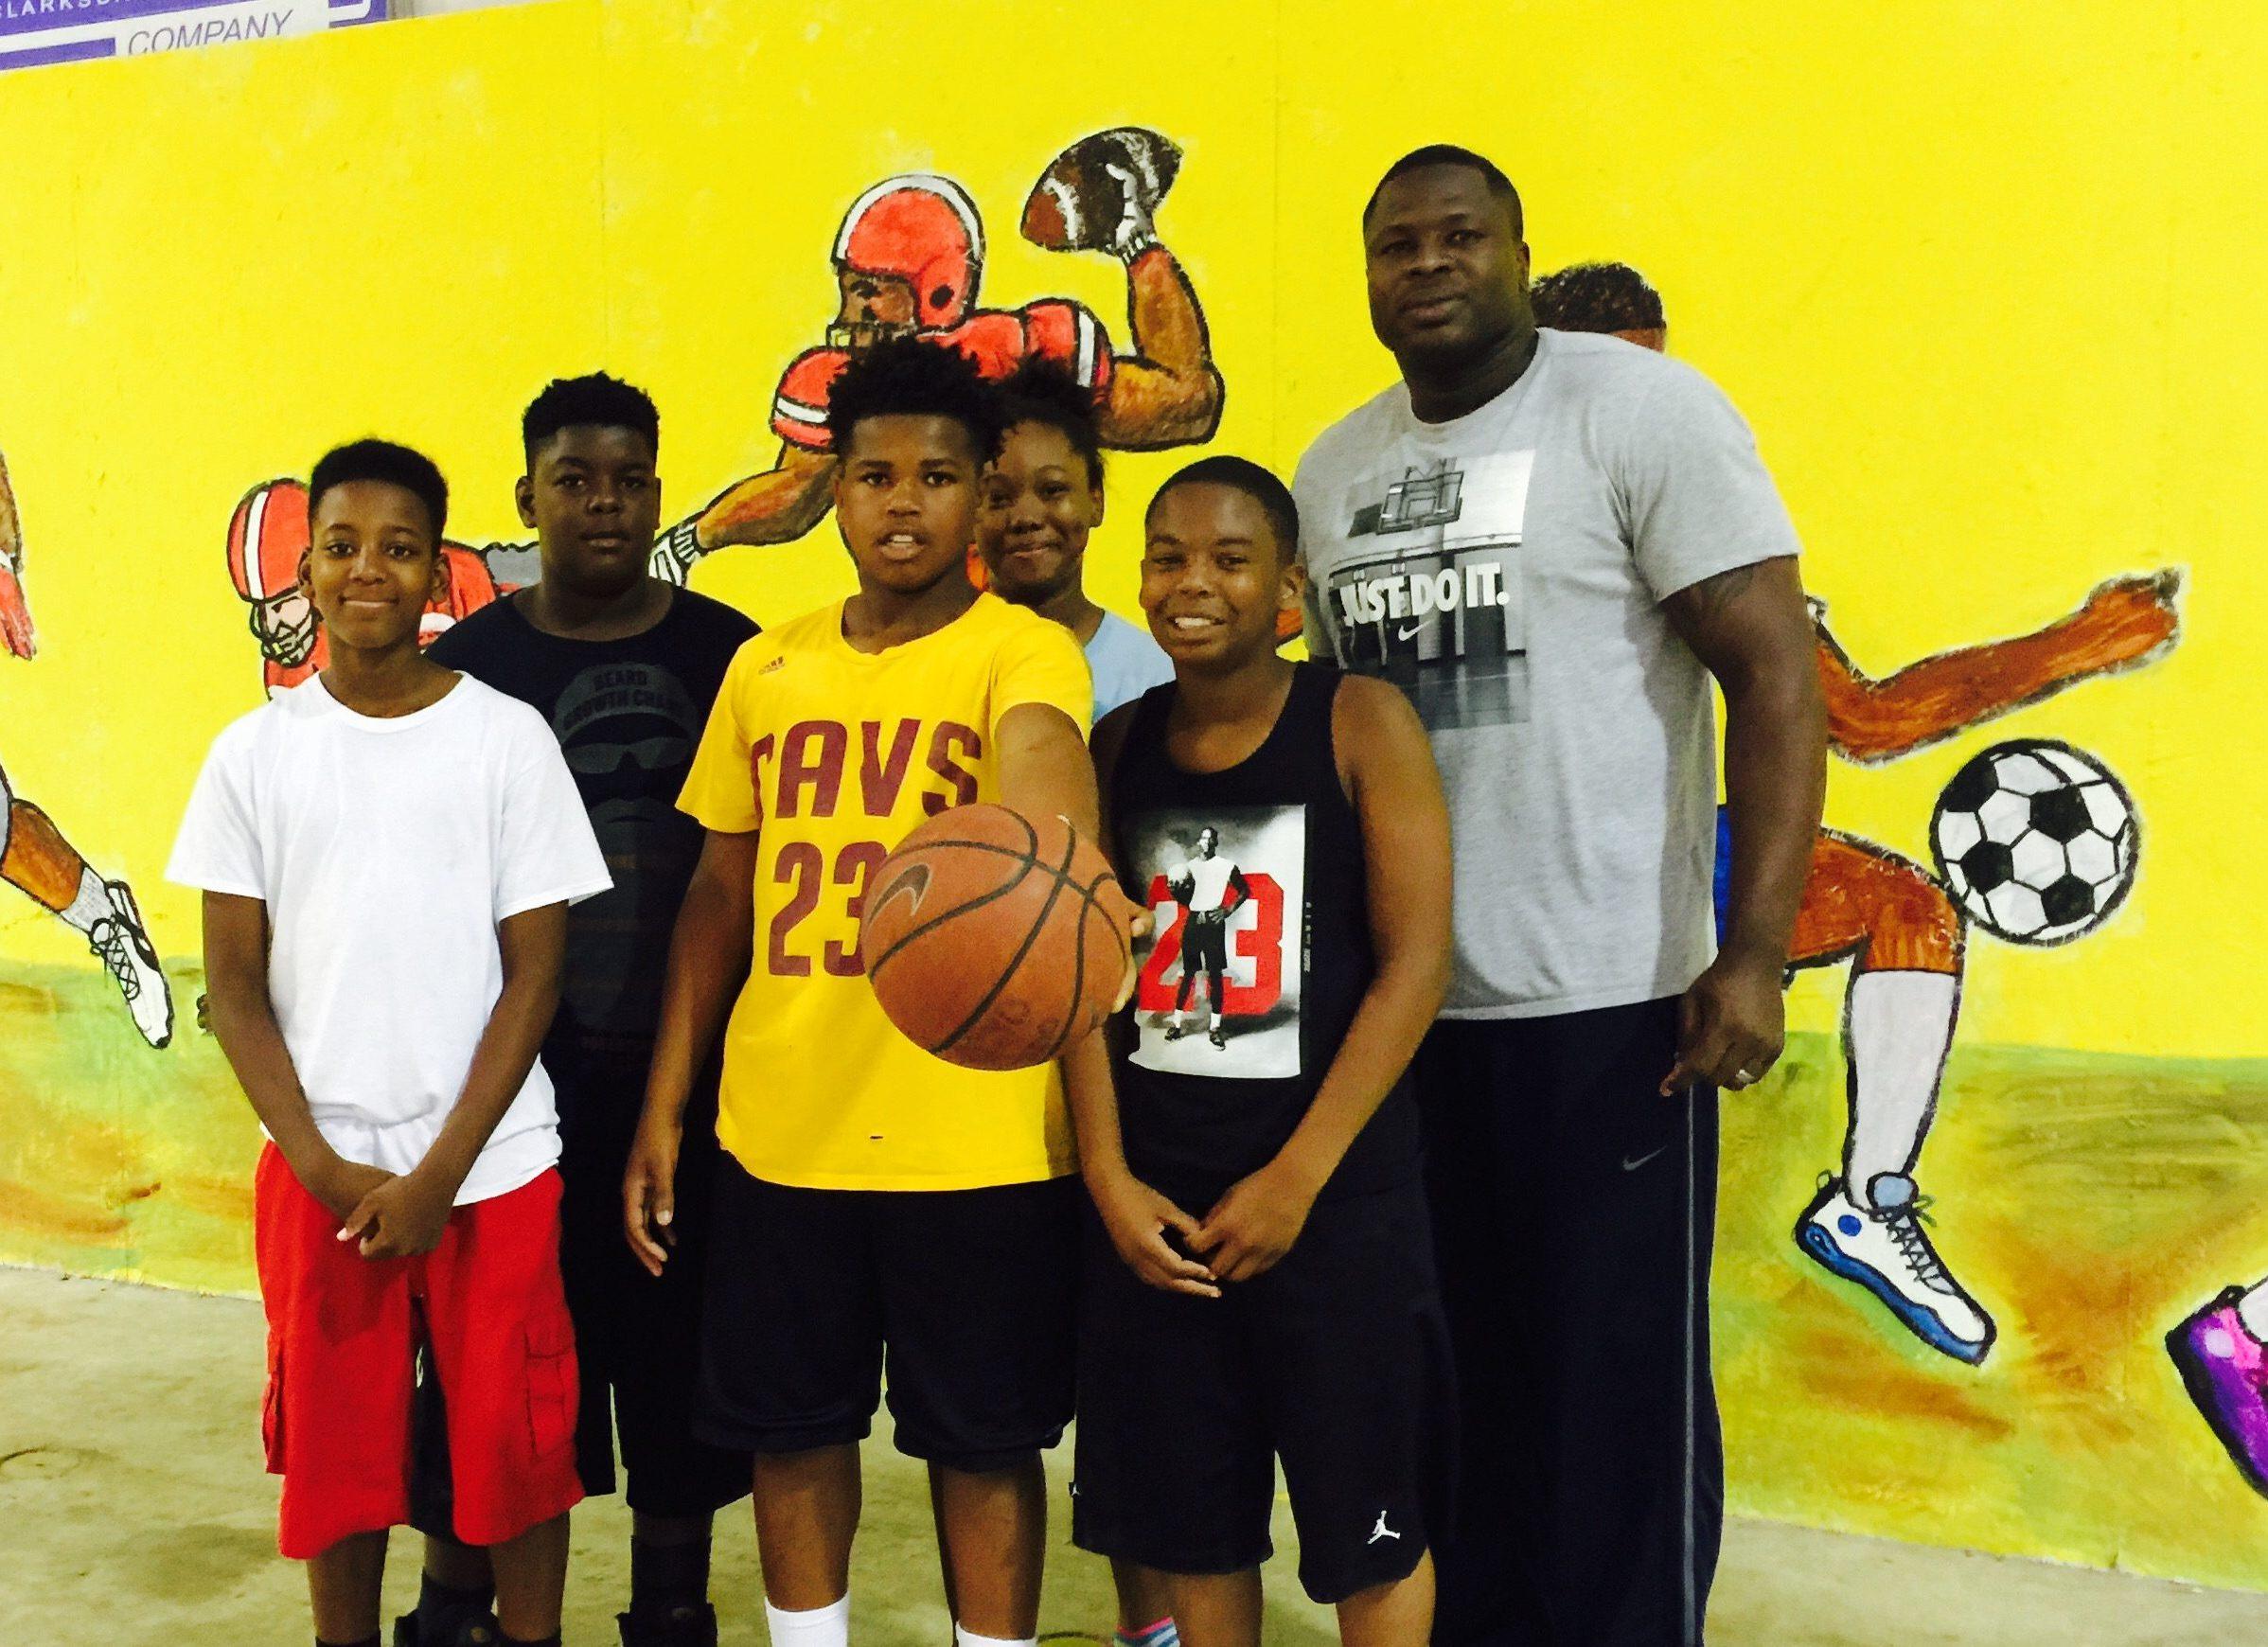 Mississippi coahoma county sherard - Coahoma County Youth Outreach Reaches Coahoma Youth